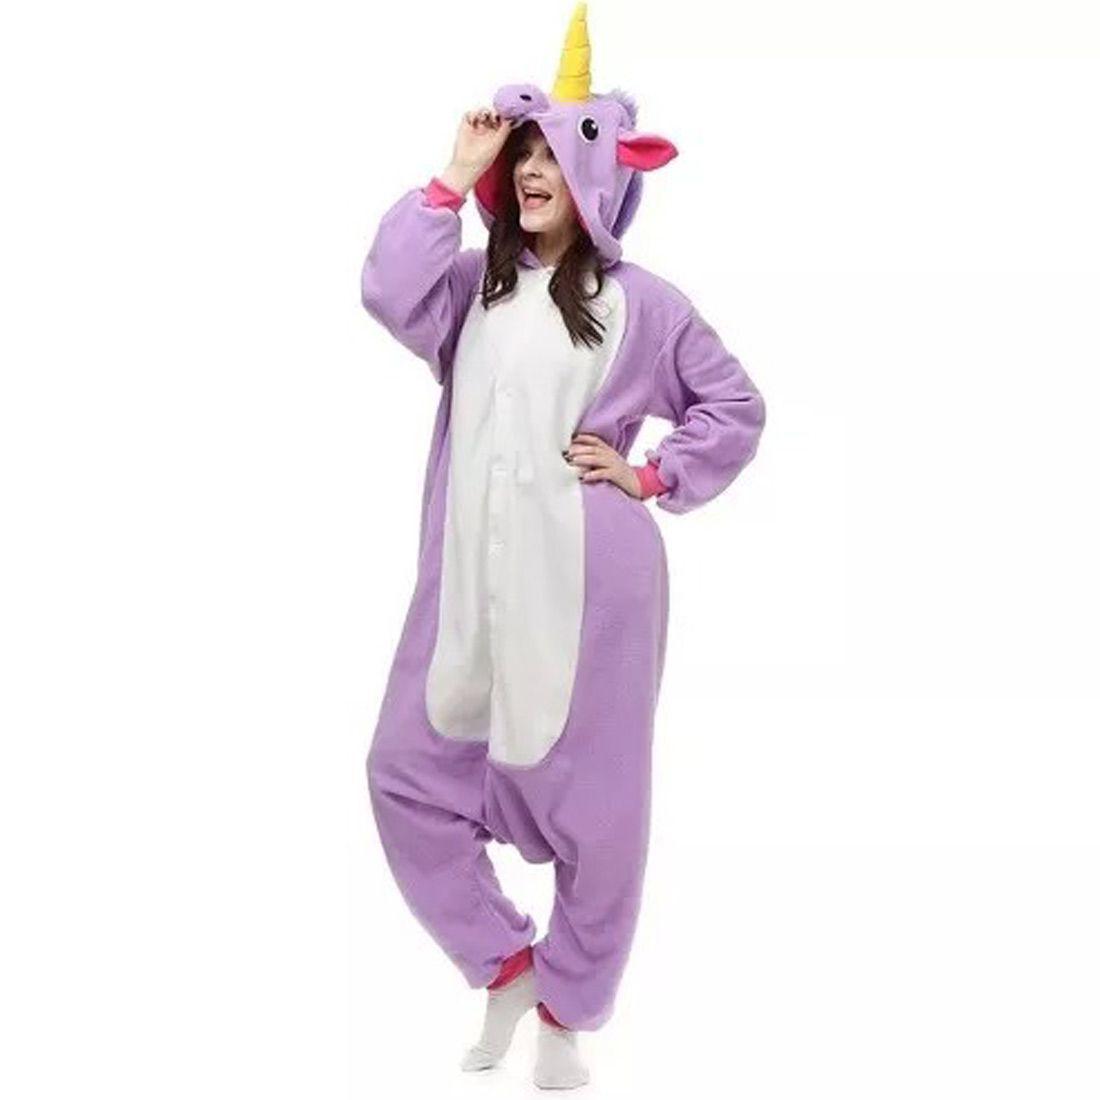 b165467c Fantasia Pijama Macacão de Unicórnio Kigurumi Adulto Lilás Com Gorro -  Fantasias carol na R$ 151,88 à vista. Adicionar à sacola